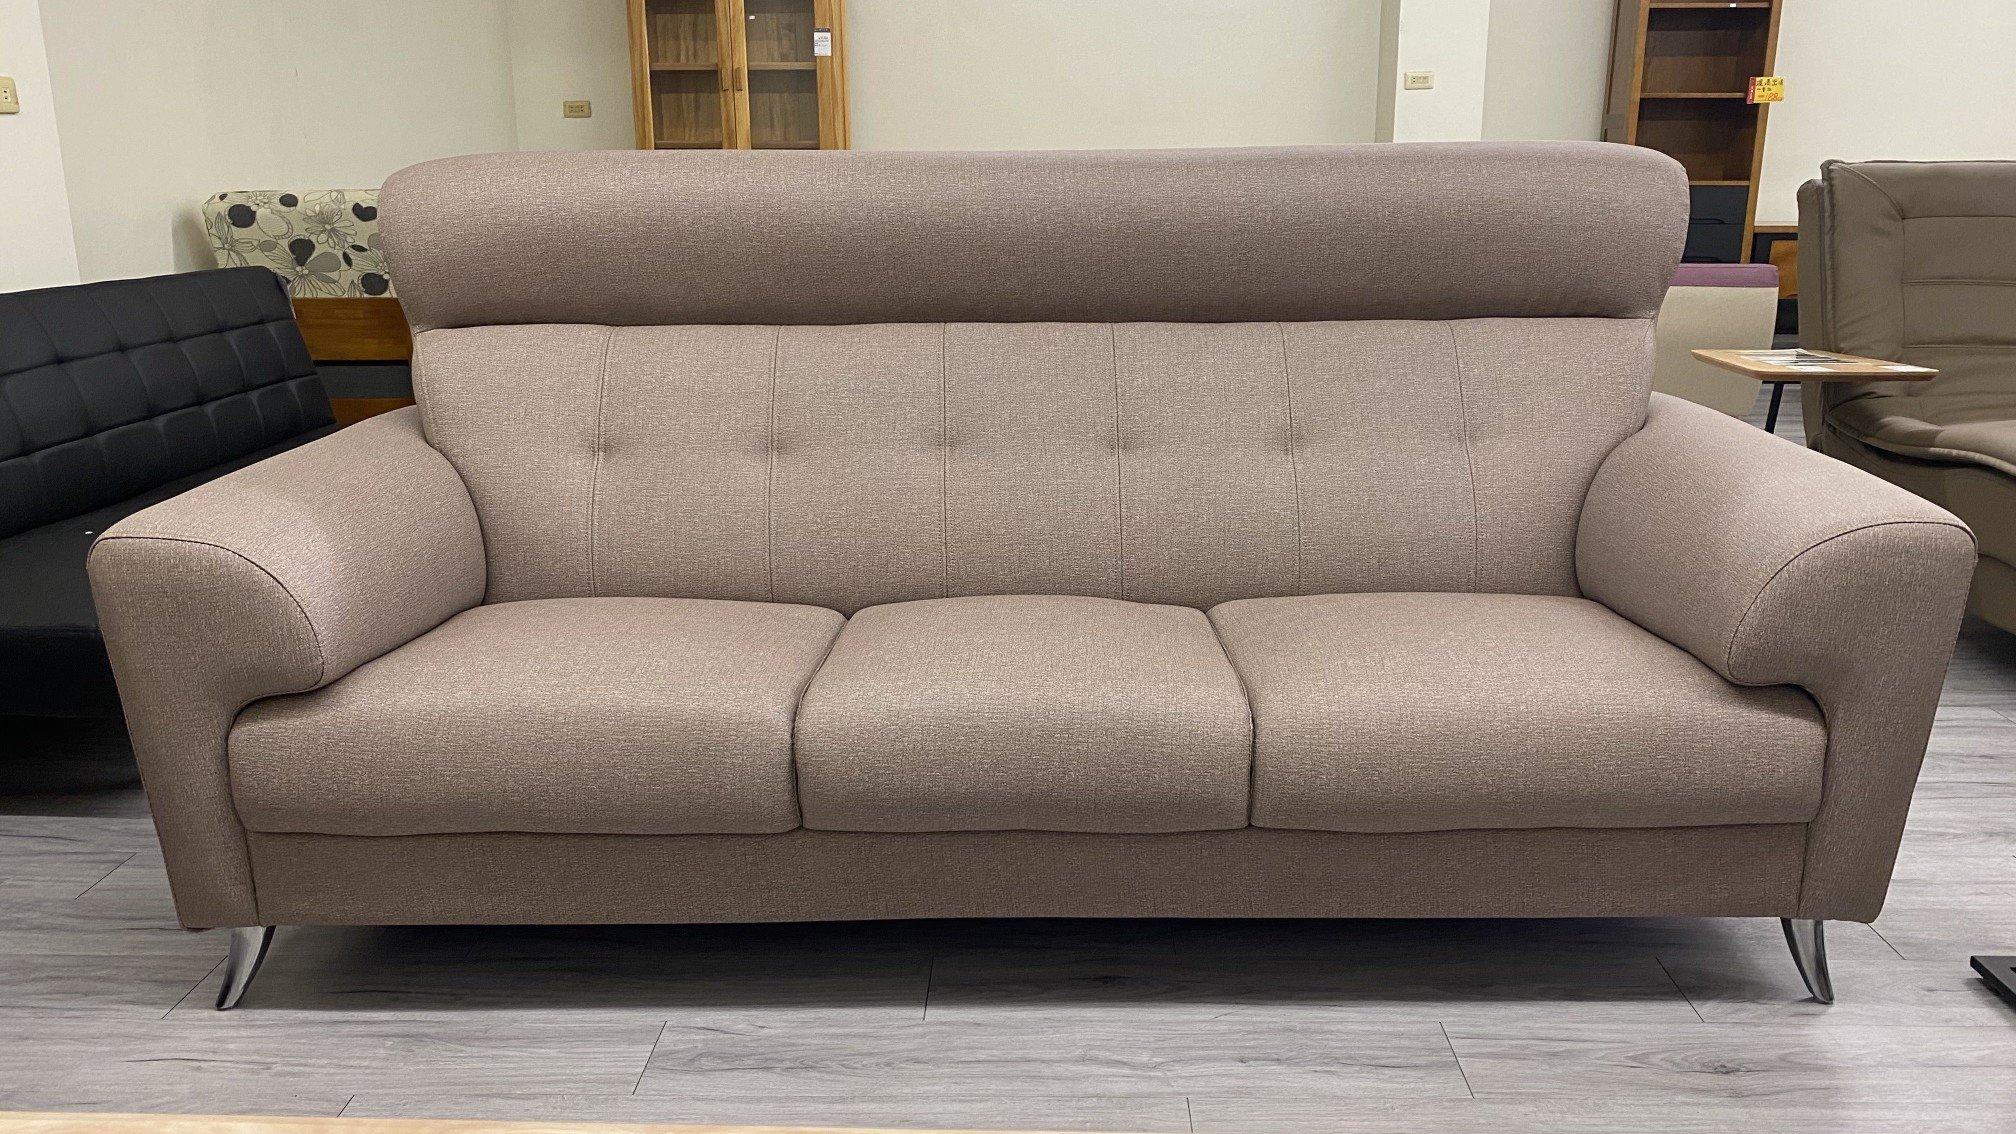 米樂沙發商品實照